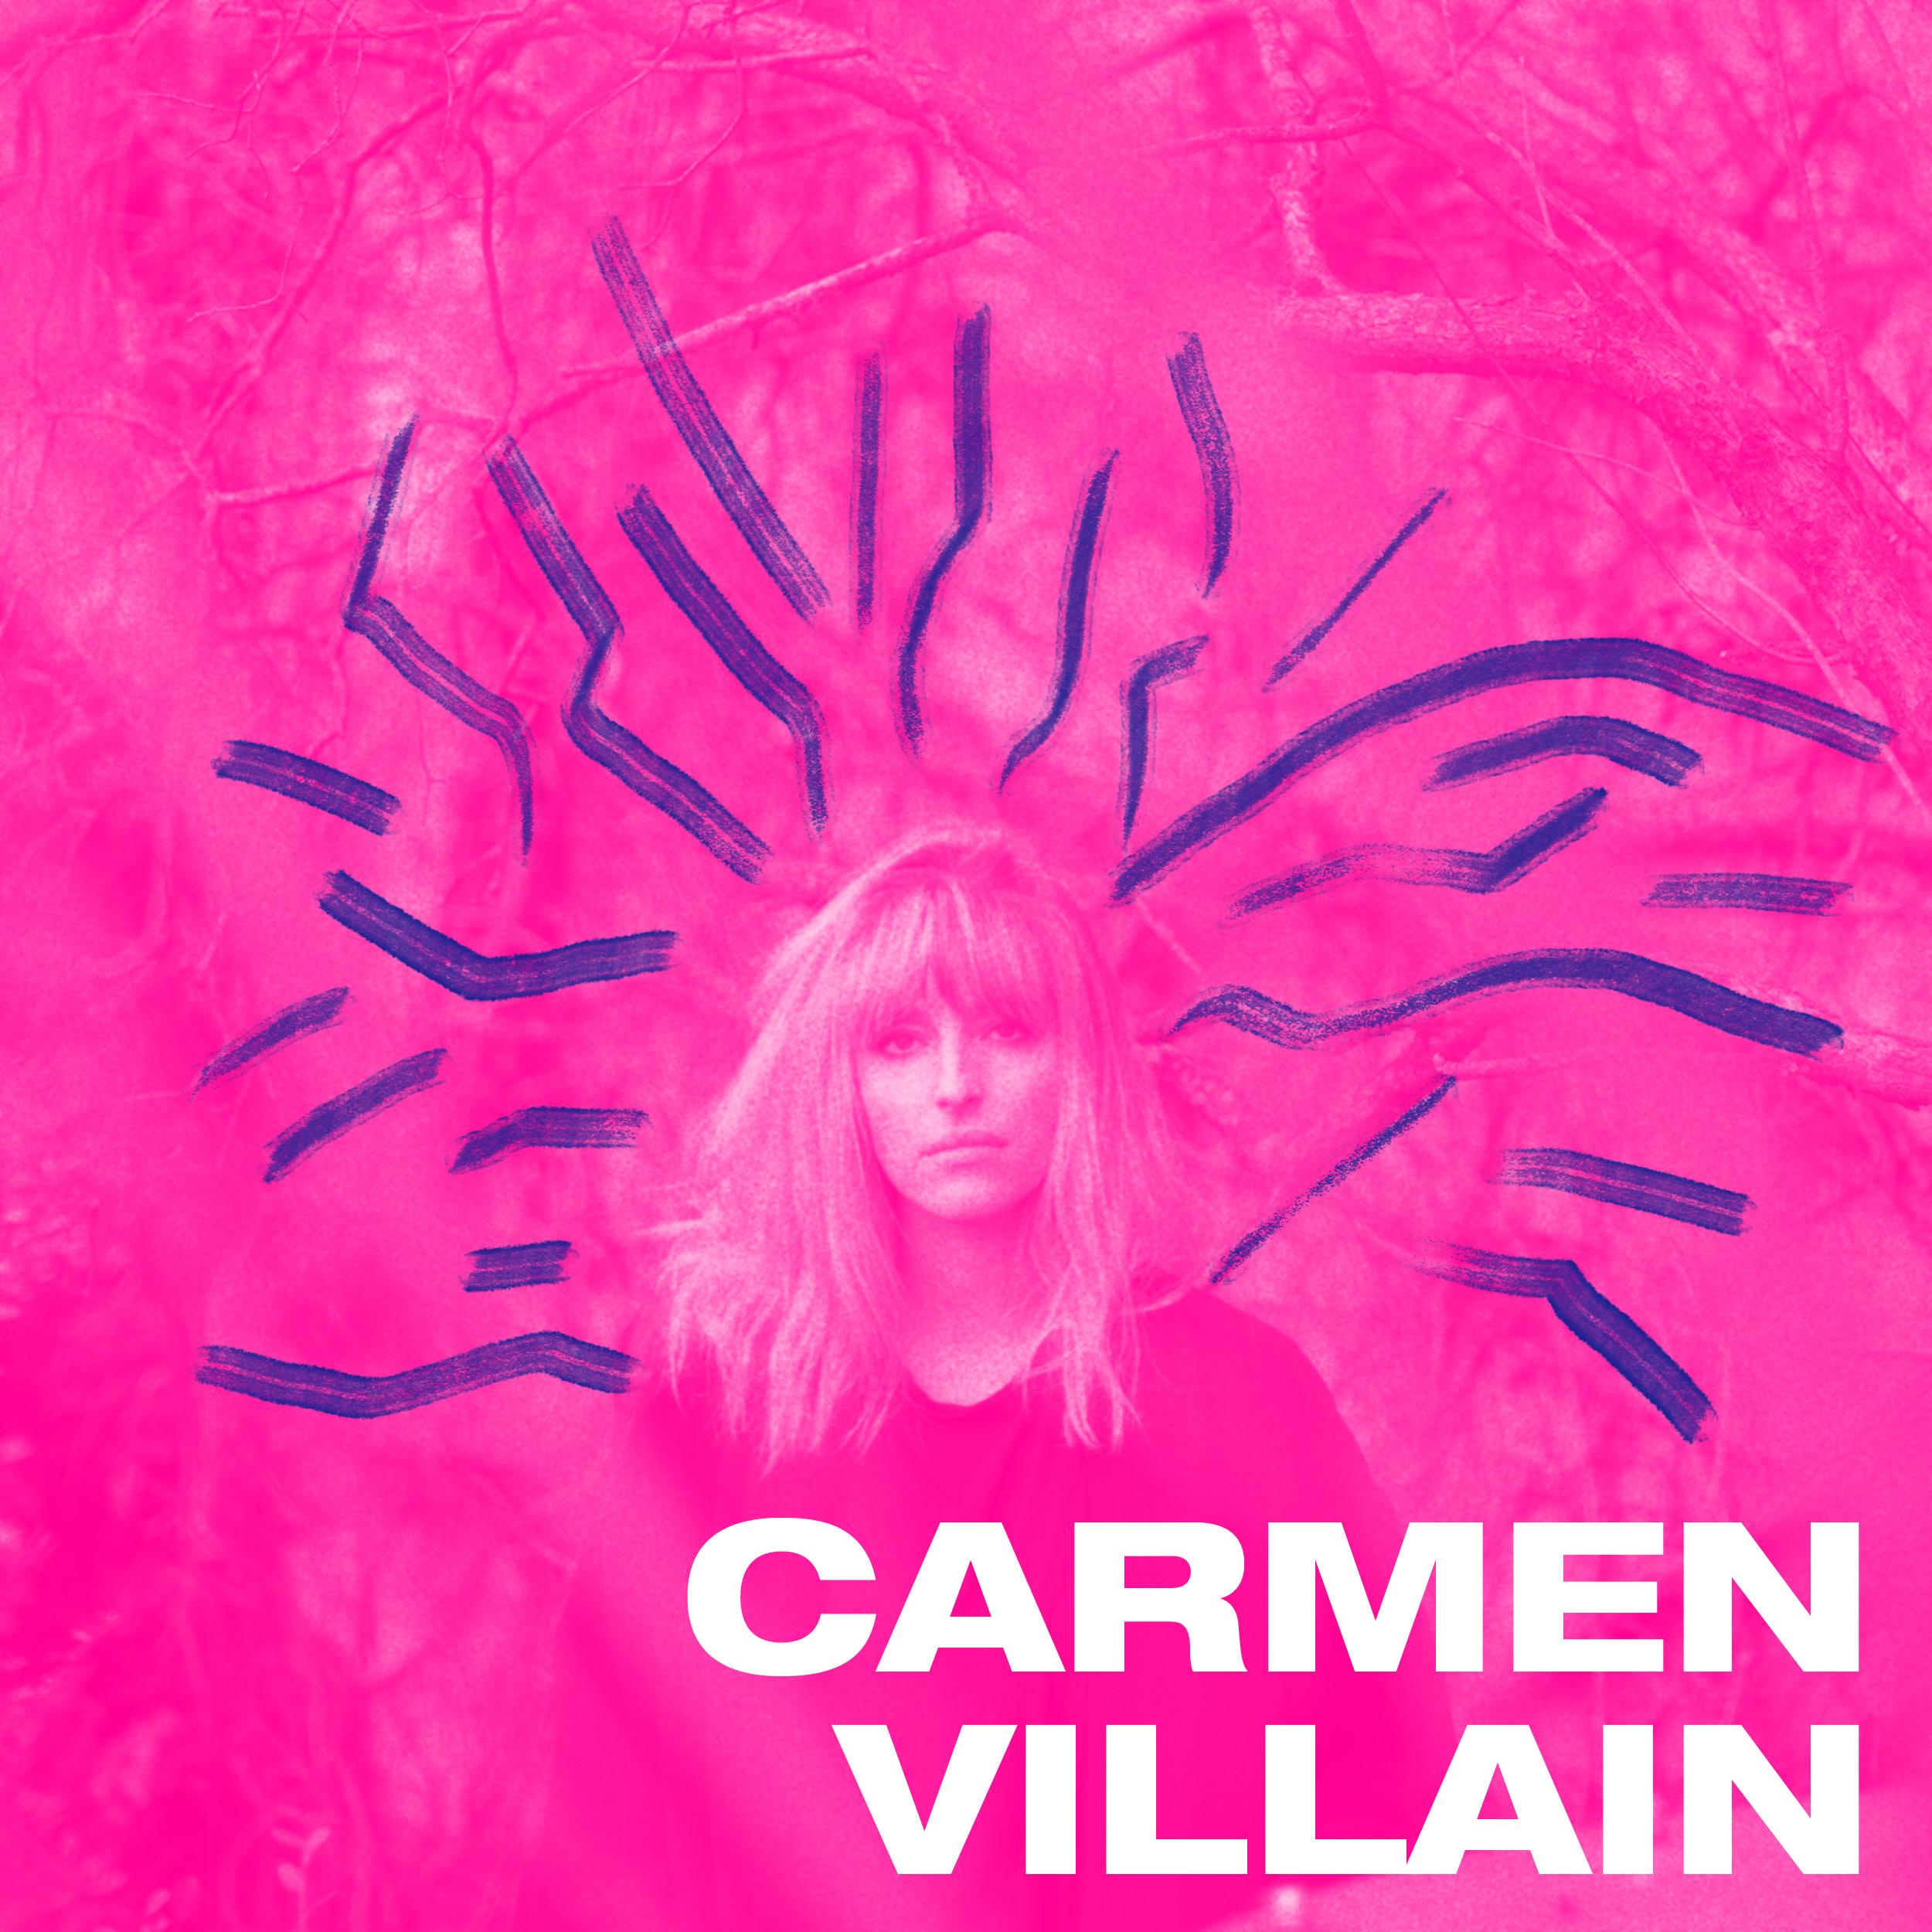 Carmen Villain lager eterisk men utfordrende musikk. De intenst personlige låtene er produsert, spilt inn og skrevet av Carmen selv. Med et flettverk av vokal, feltopptak, piano, gitarer, programmerte trommer og synther skaper hun sin egen særegne sound.